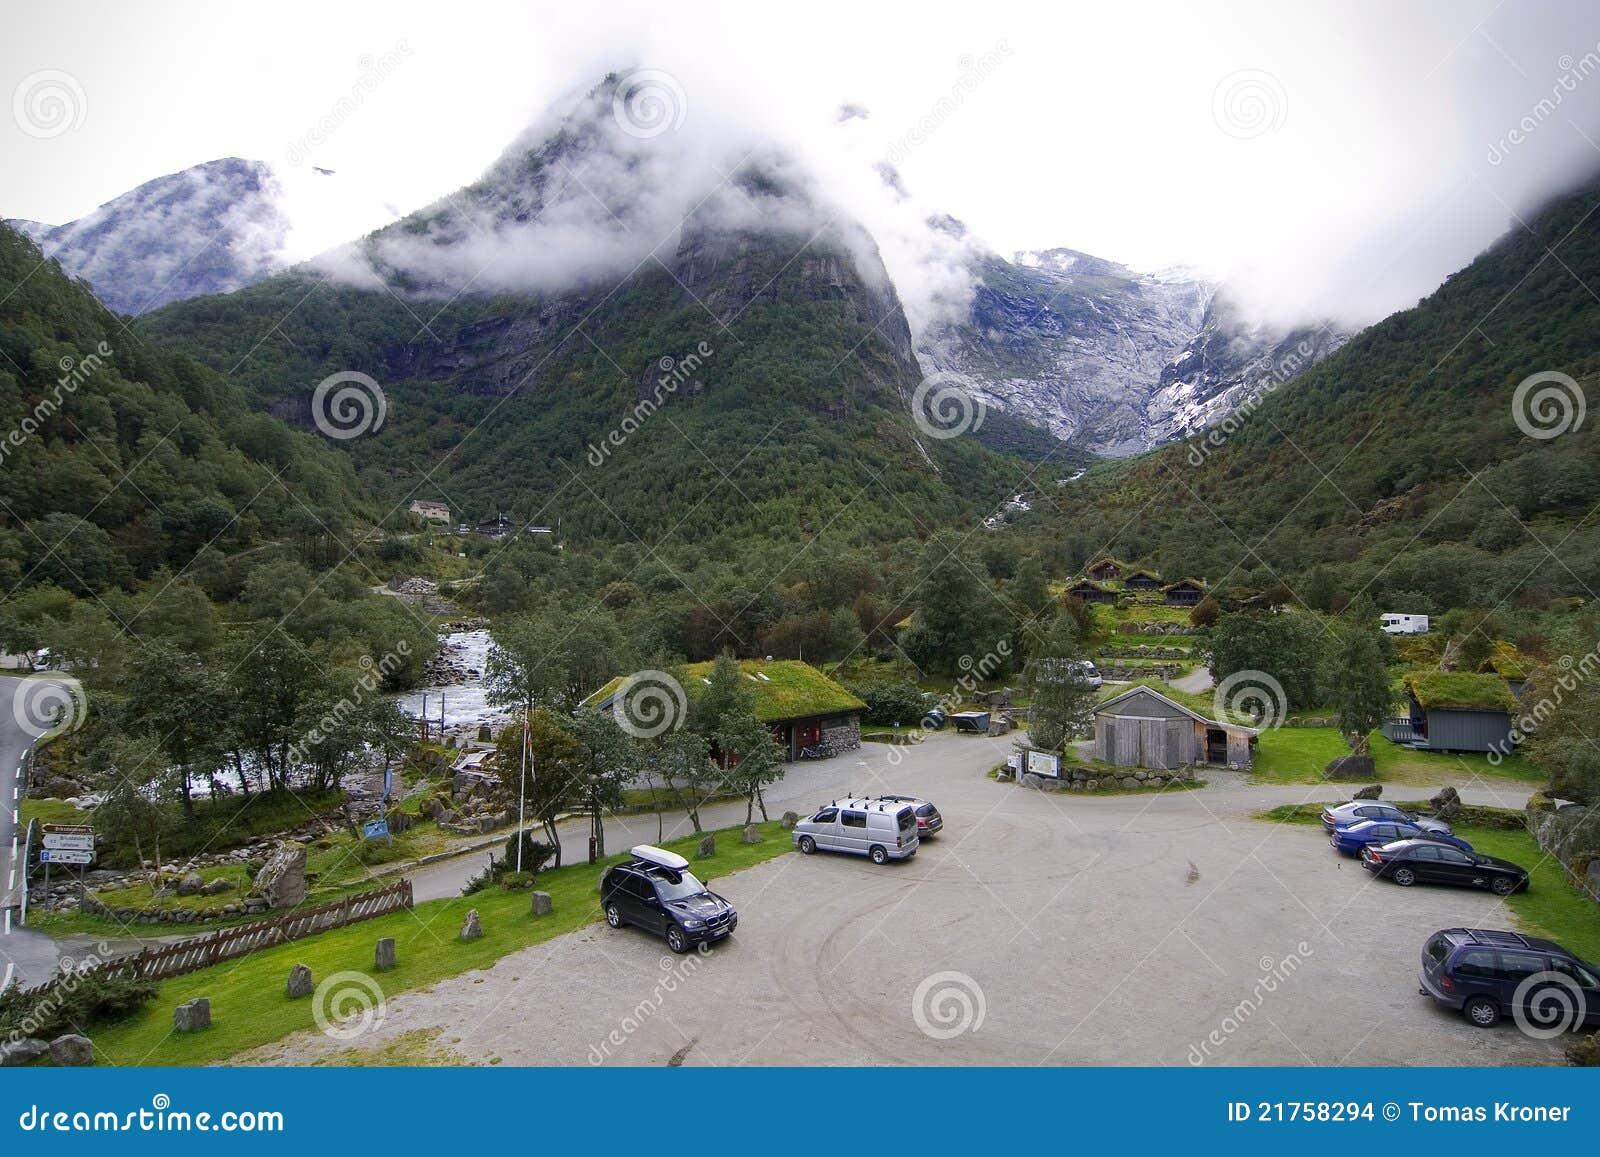 North mountain glacier camp